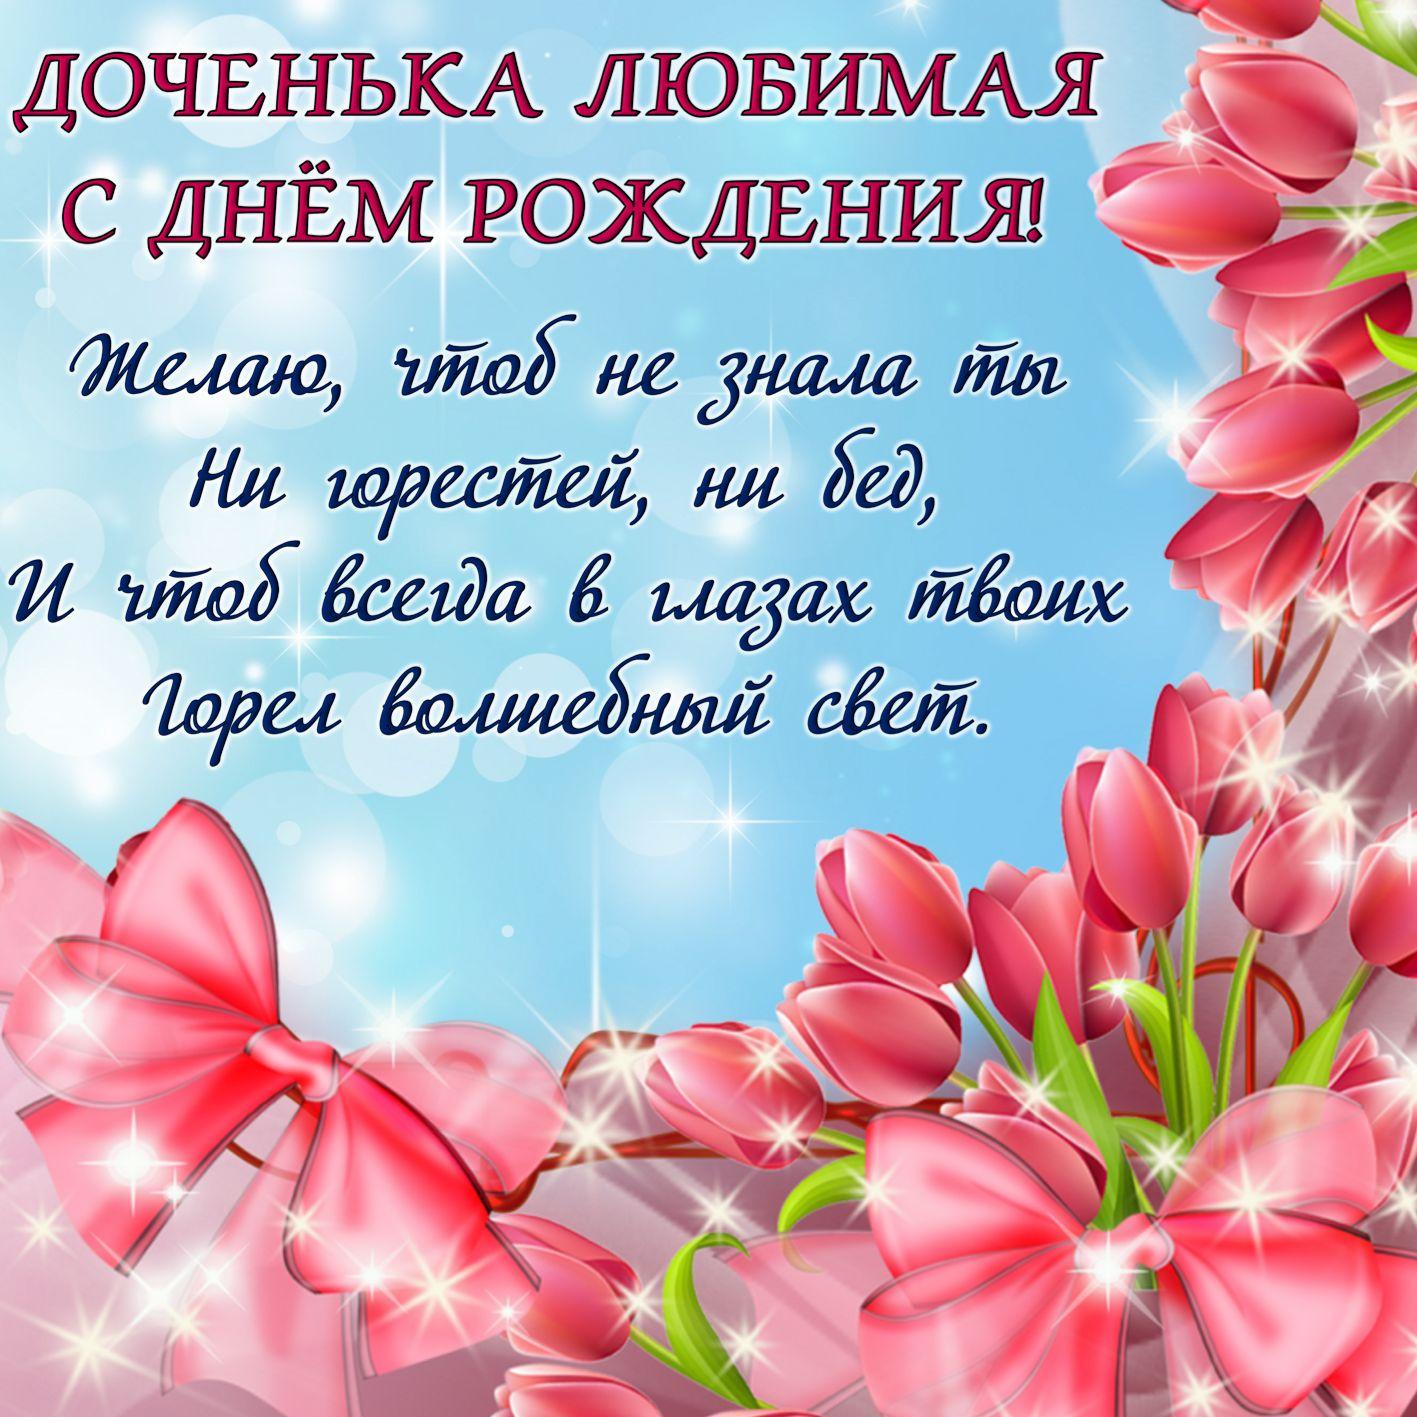 Поздравления с Днем рождения дочери - стихи